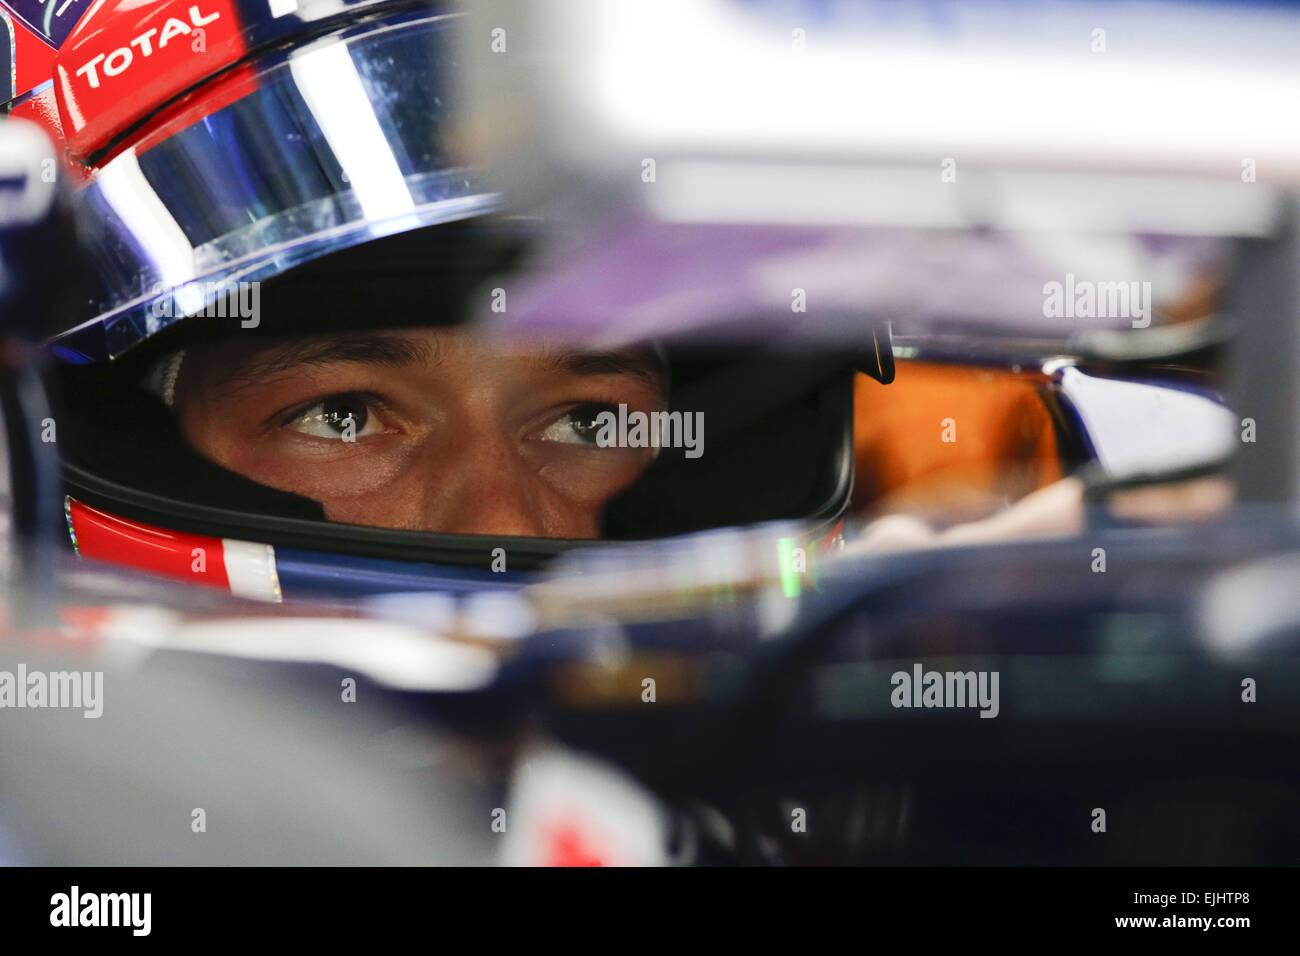 Sepang, Malesia. 27 Mar, 2015. DANIIL KVYAT della Russia e infiniti della Red Bull Racing è visto in seduta Immagini Stock